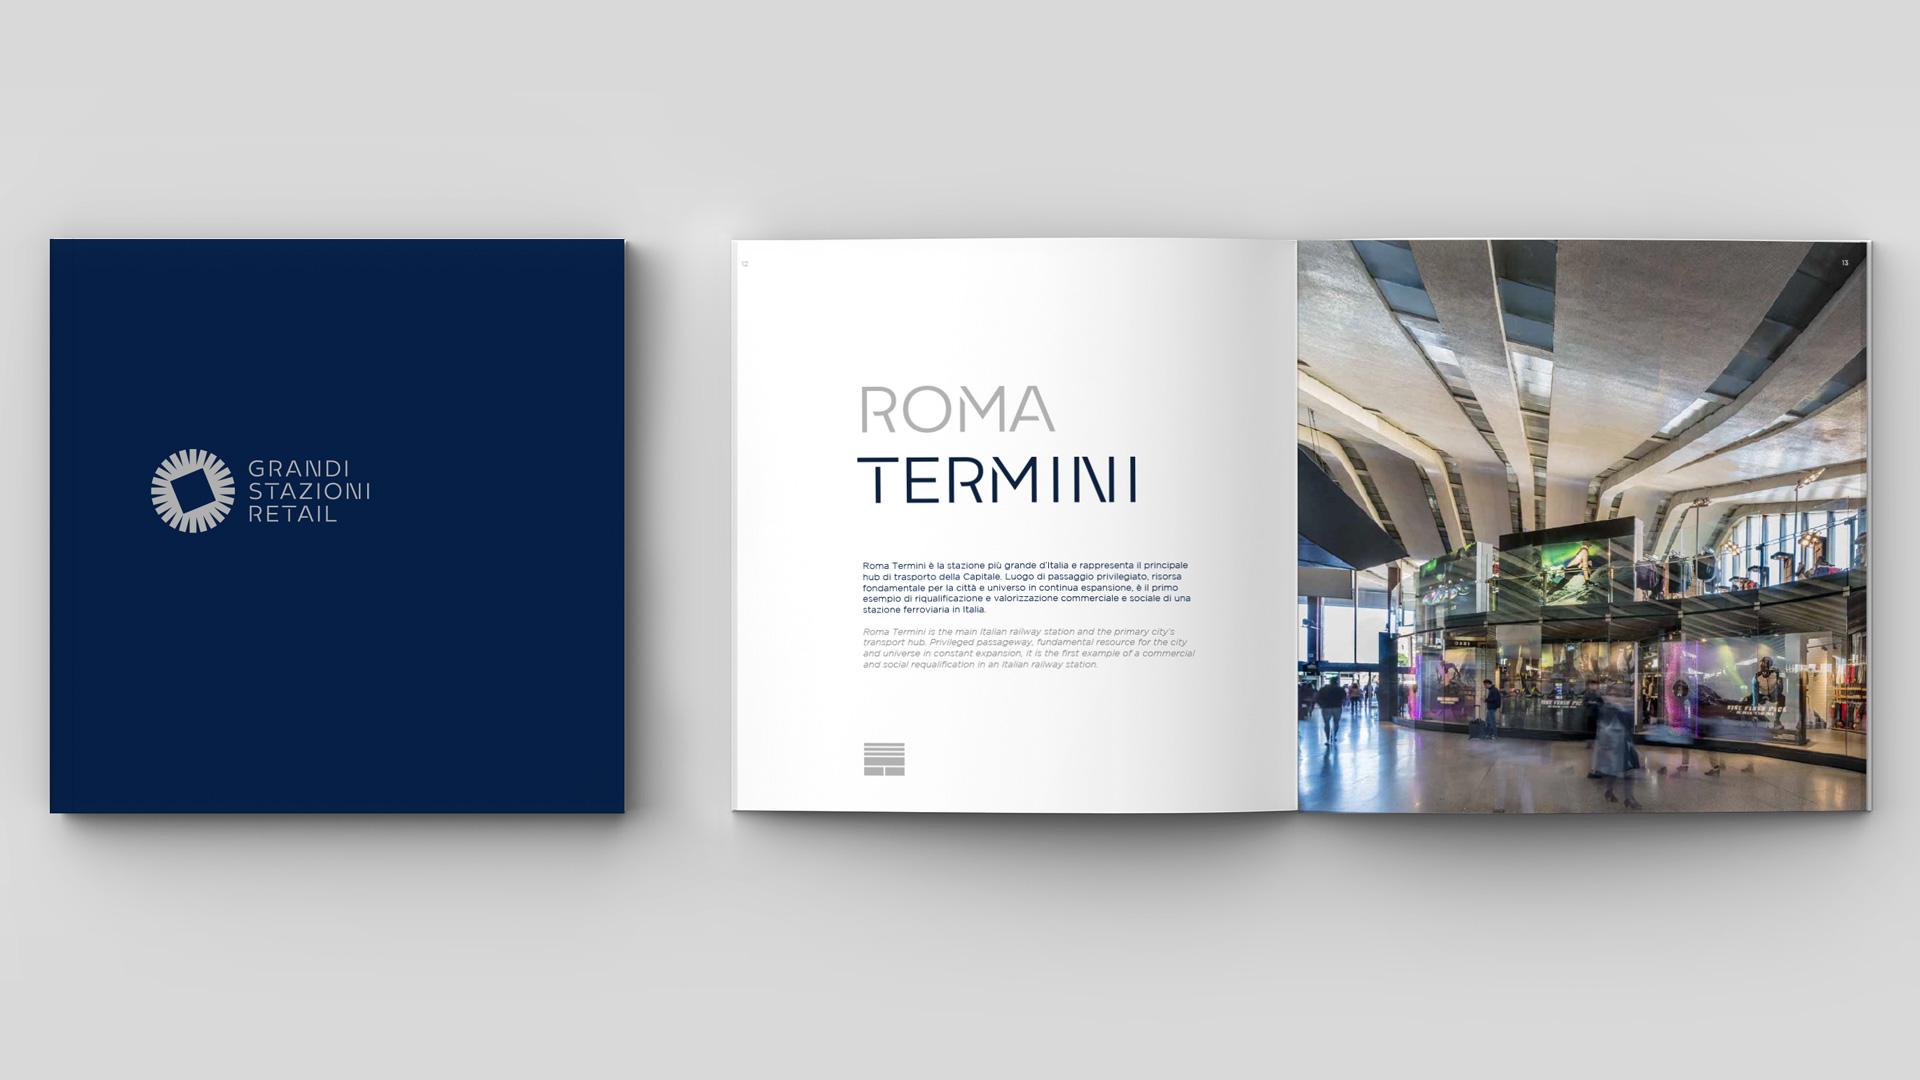 Grandi-Stazioni-Retail-Rba-Design-003